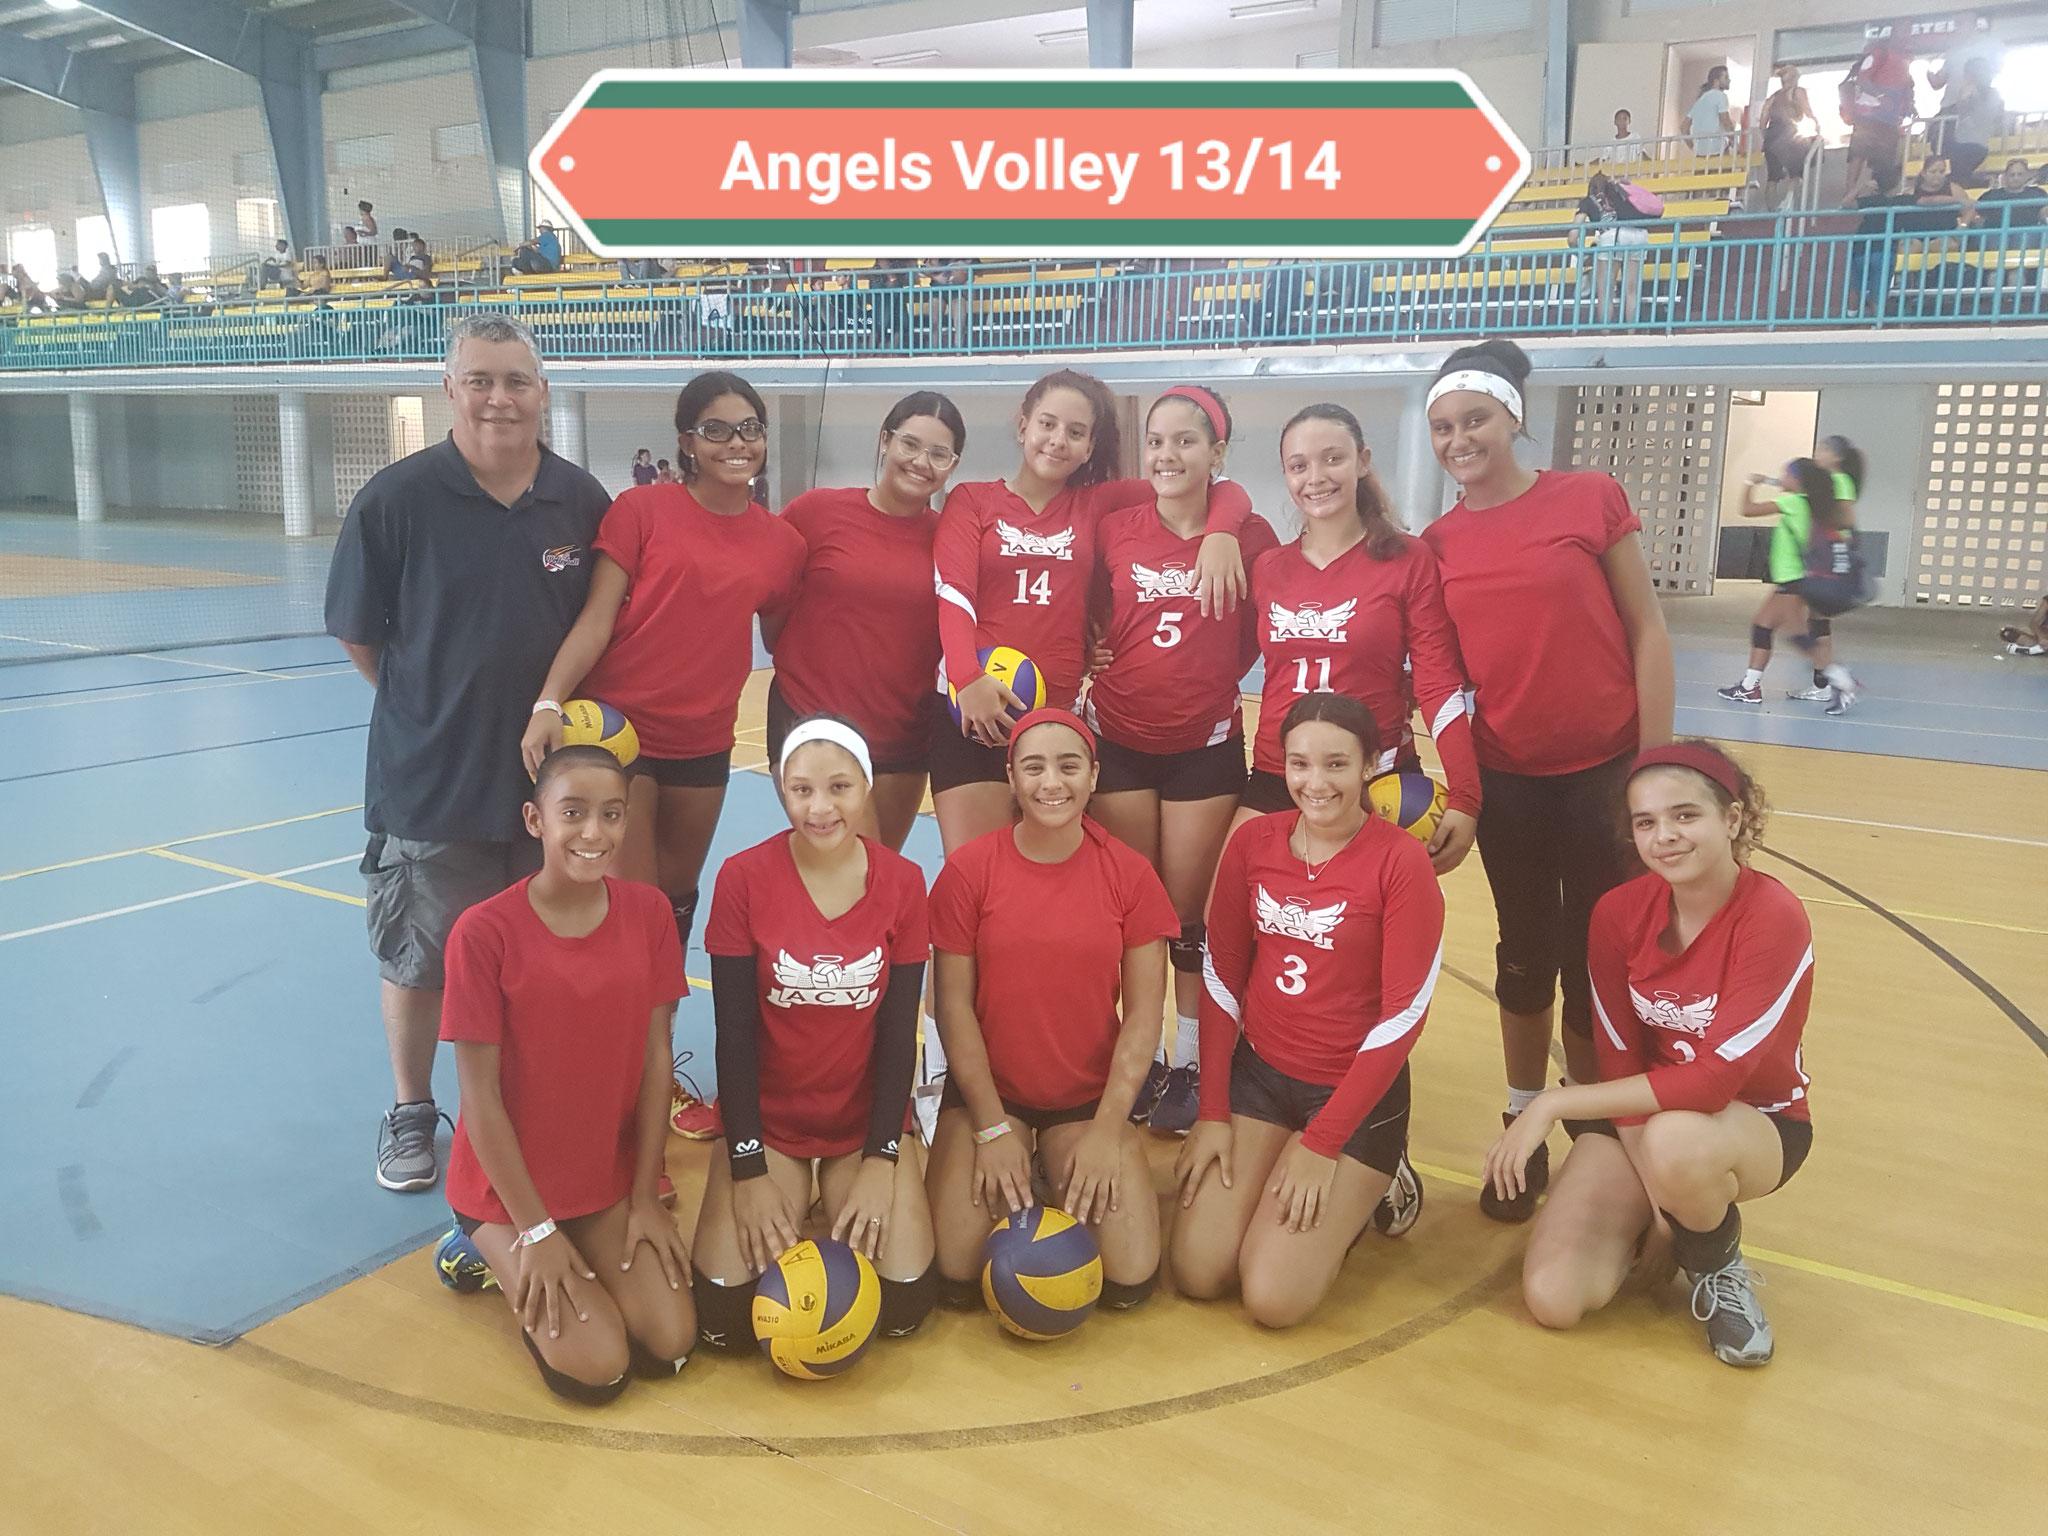 FREDDIE ANGELS VOLLEY CUARTO LUGAR EN 13 Y 1 4 AÑOS